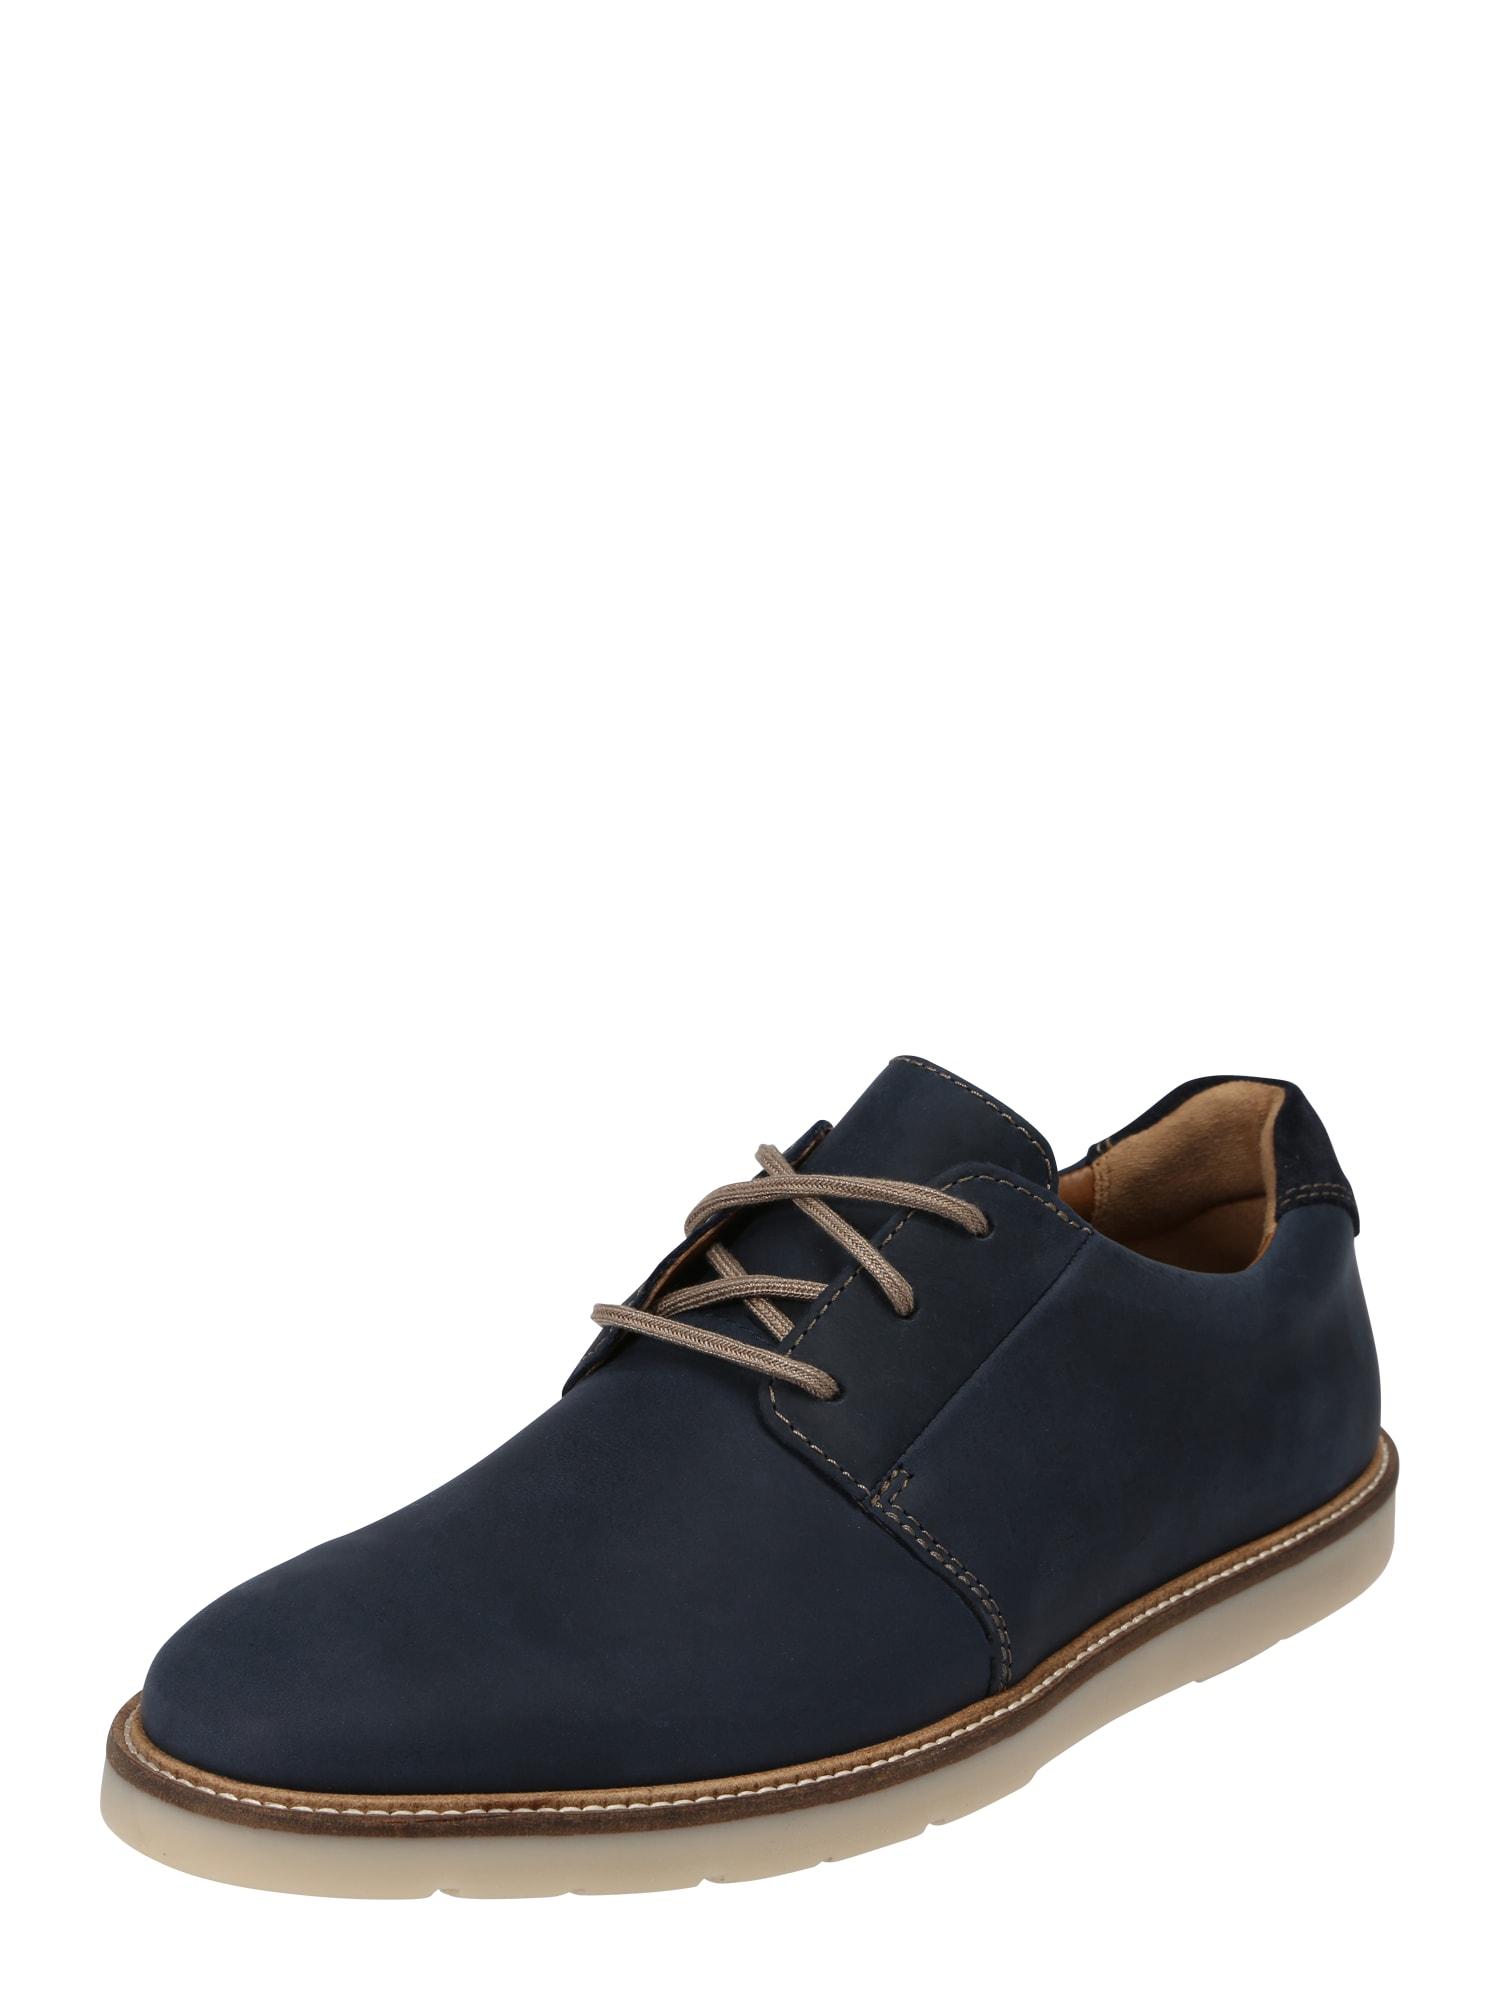 Šněrovací boty Grandin Plain námořnická modř CLARKS